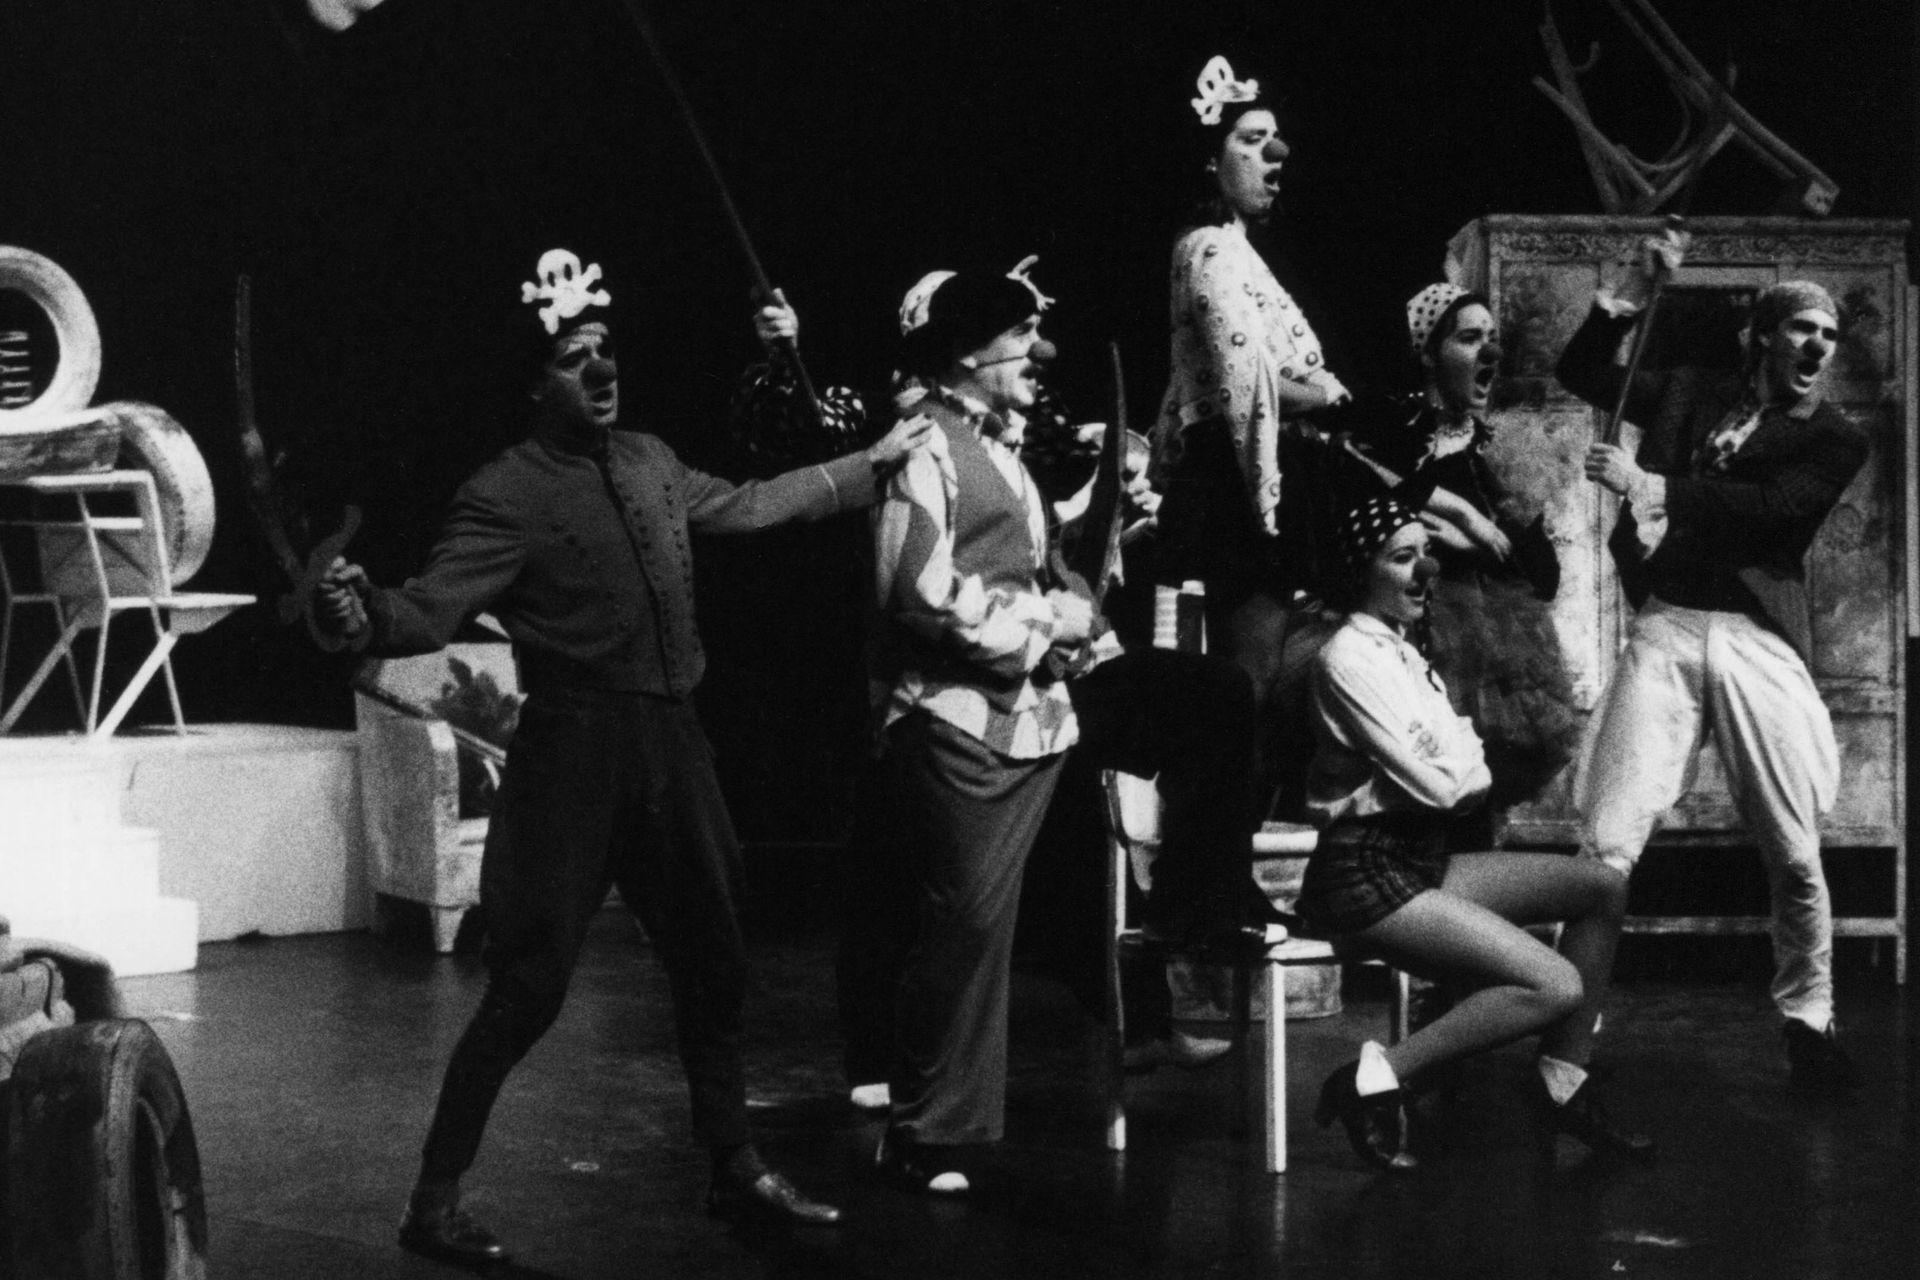 Robertino Loras, Roberto Catarineu, Andrea Tenuta, Victoria Vieyra, Marina Svartzman y Diego Jaraz, en Vivitos y coleando